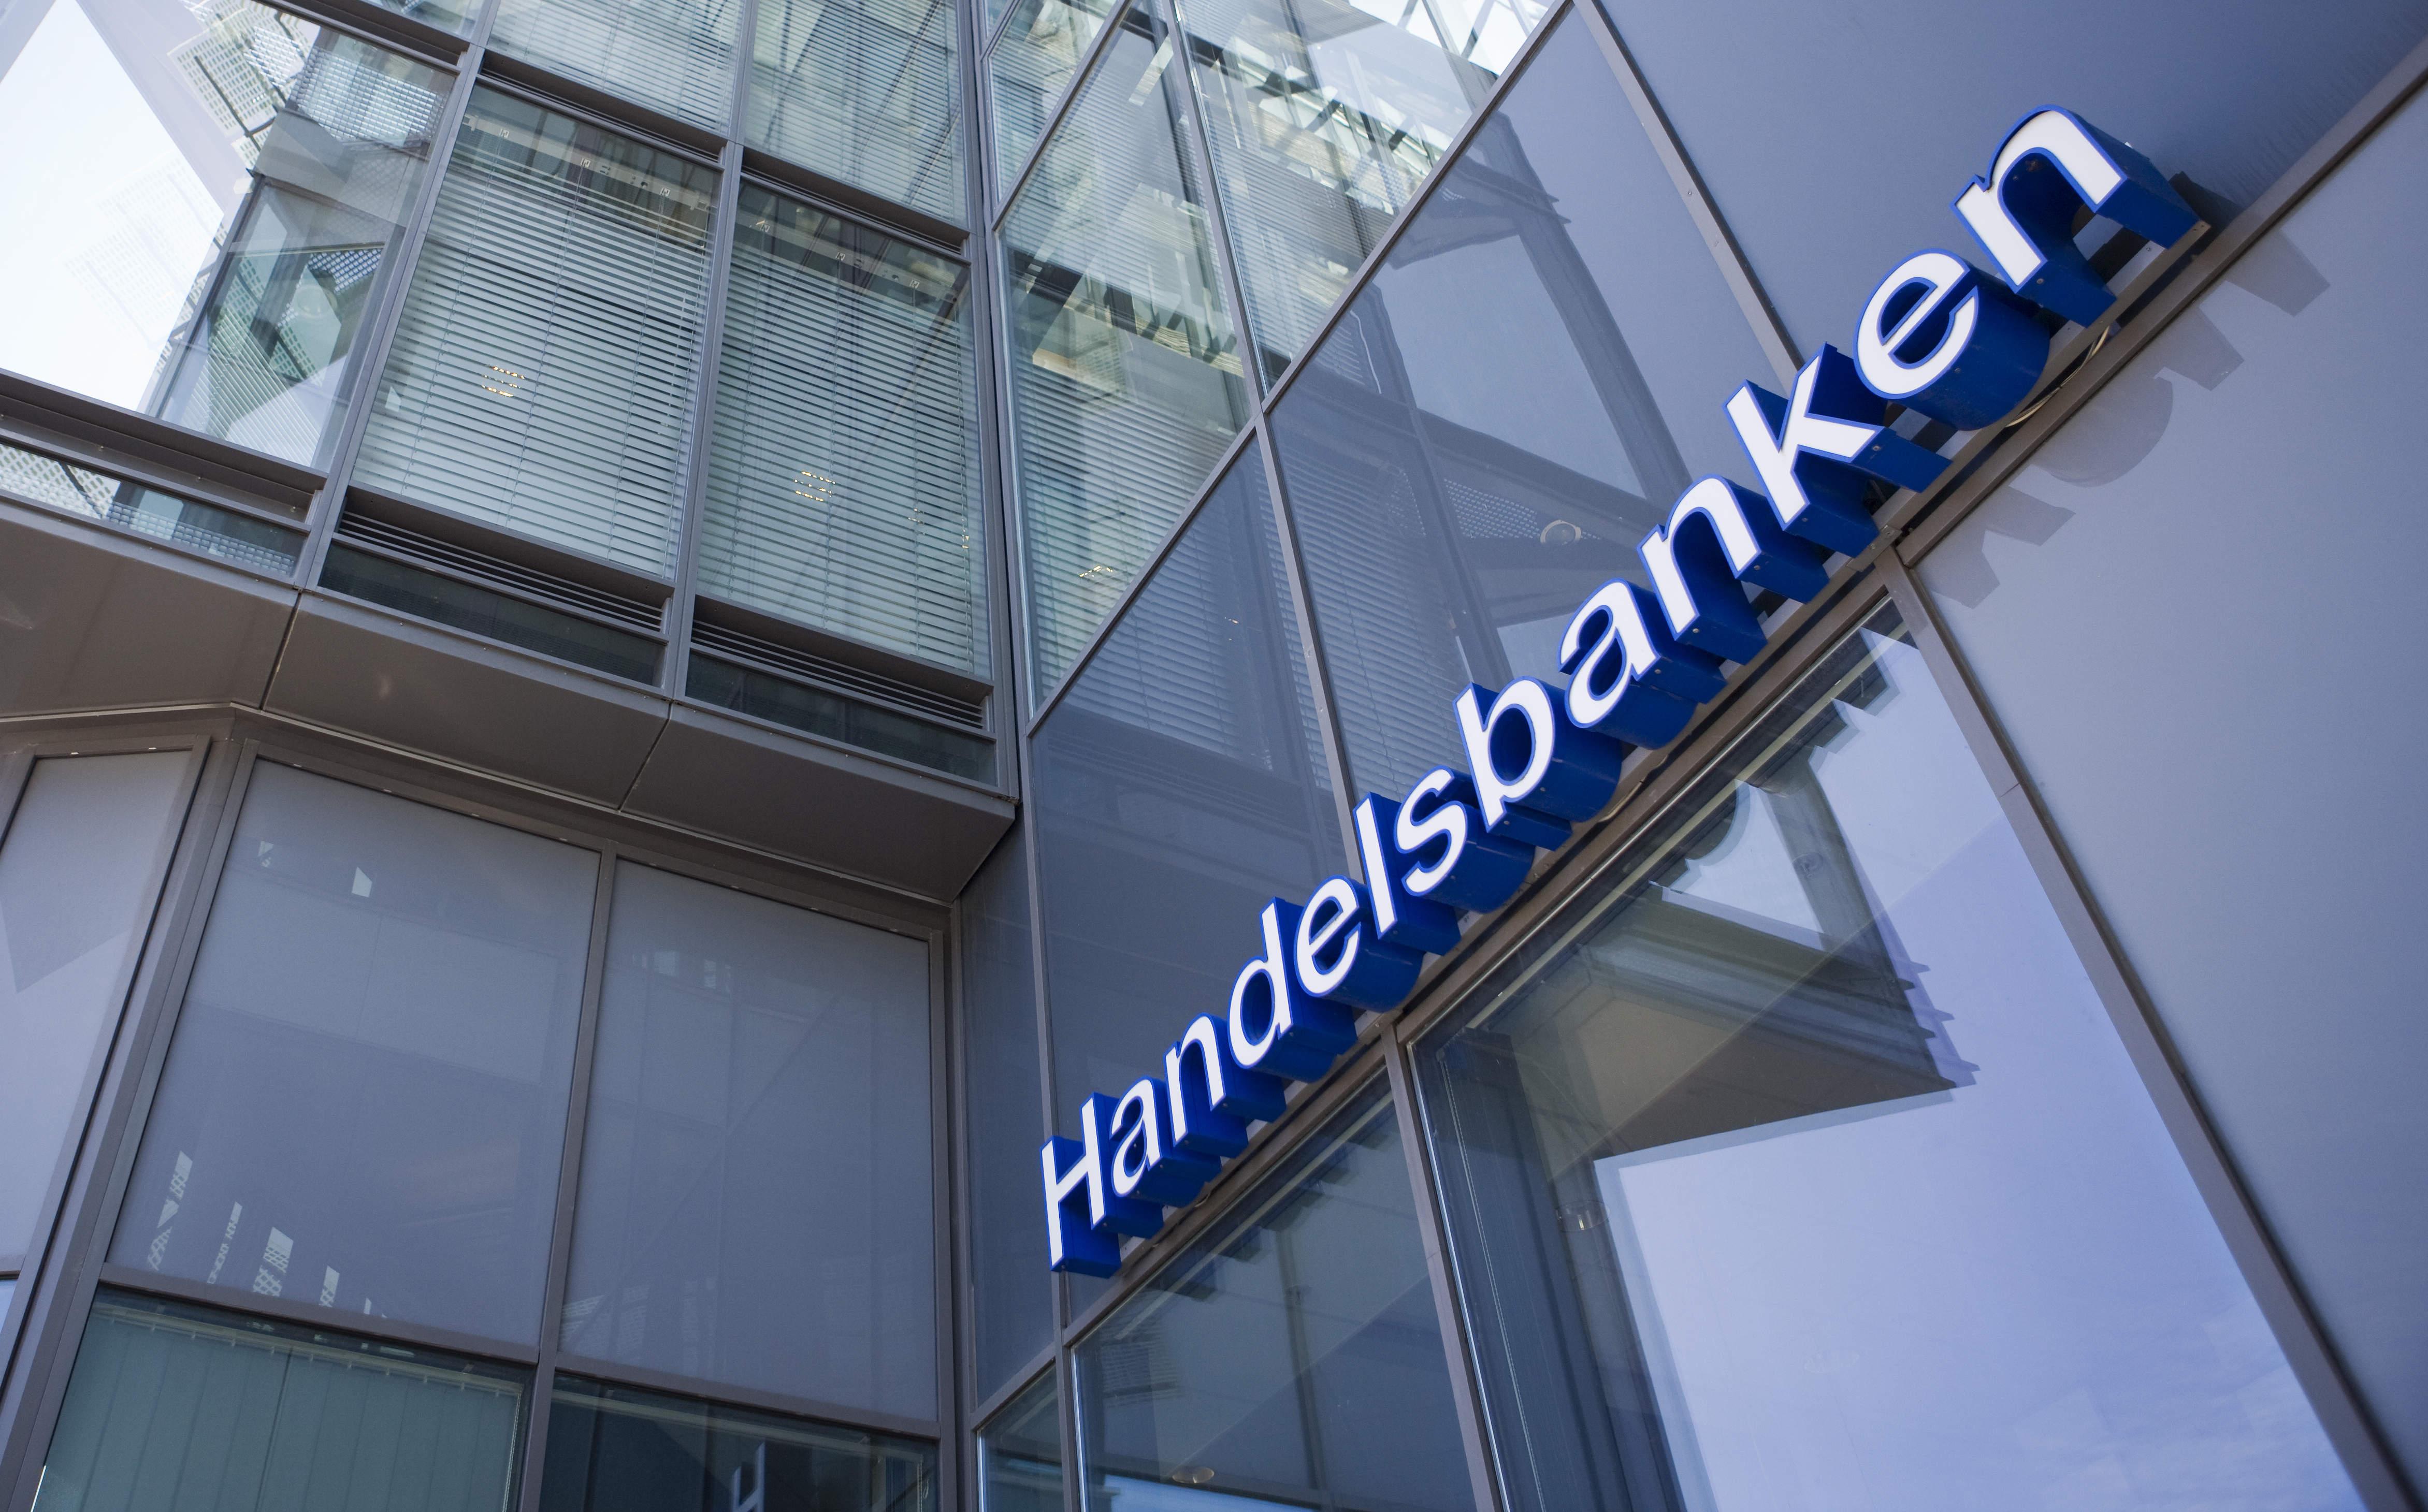 CMA survey: Handelsbanken top high street bank for UK SMEs